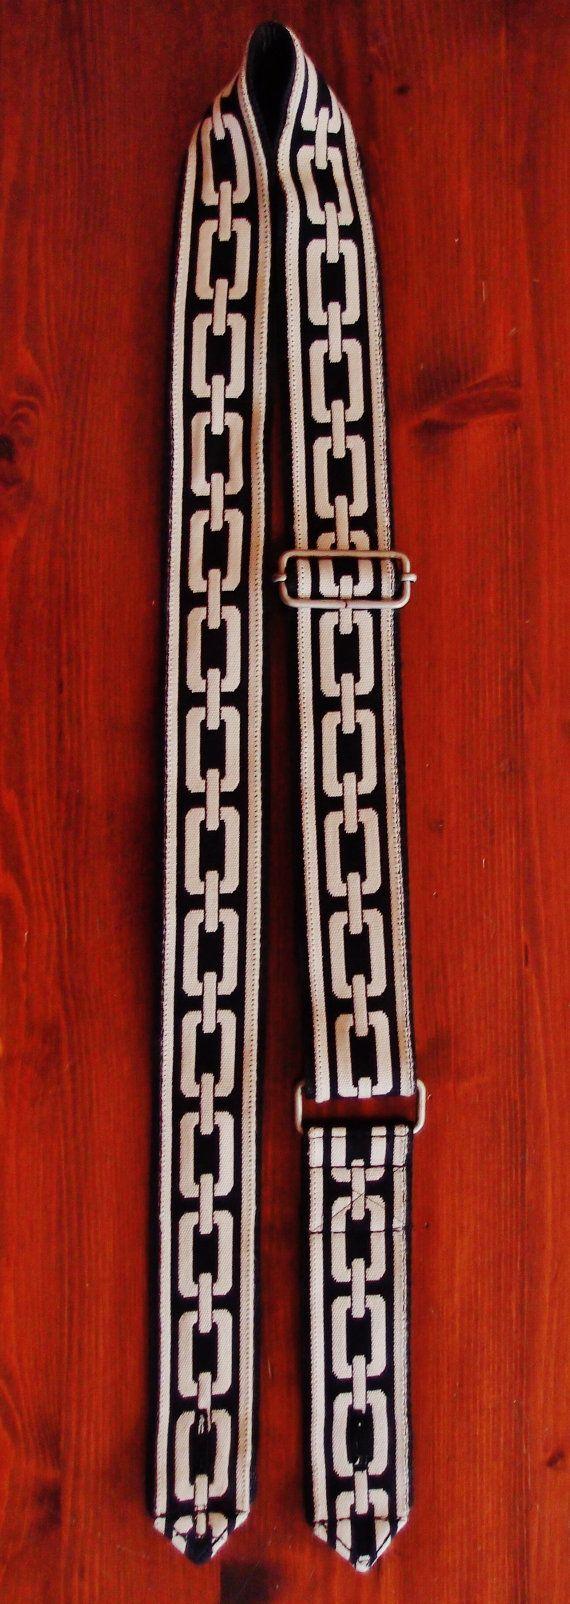 Tracolla per chitarra  bianco e nero di EliCreates su Etsy, €30.00